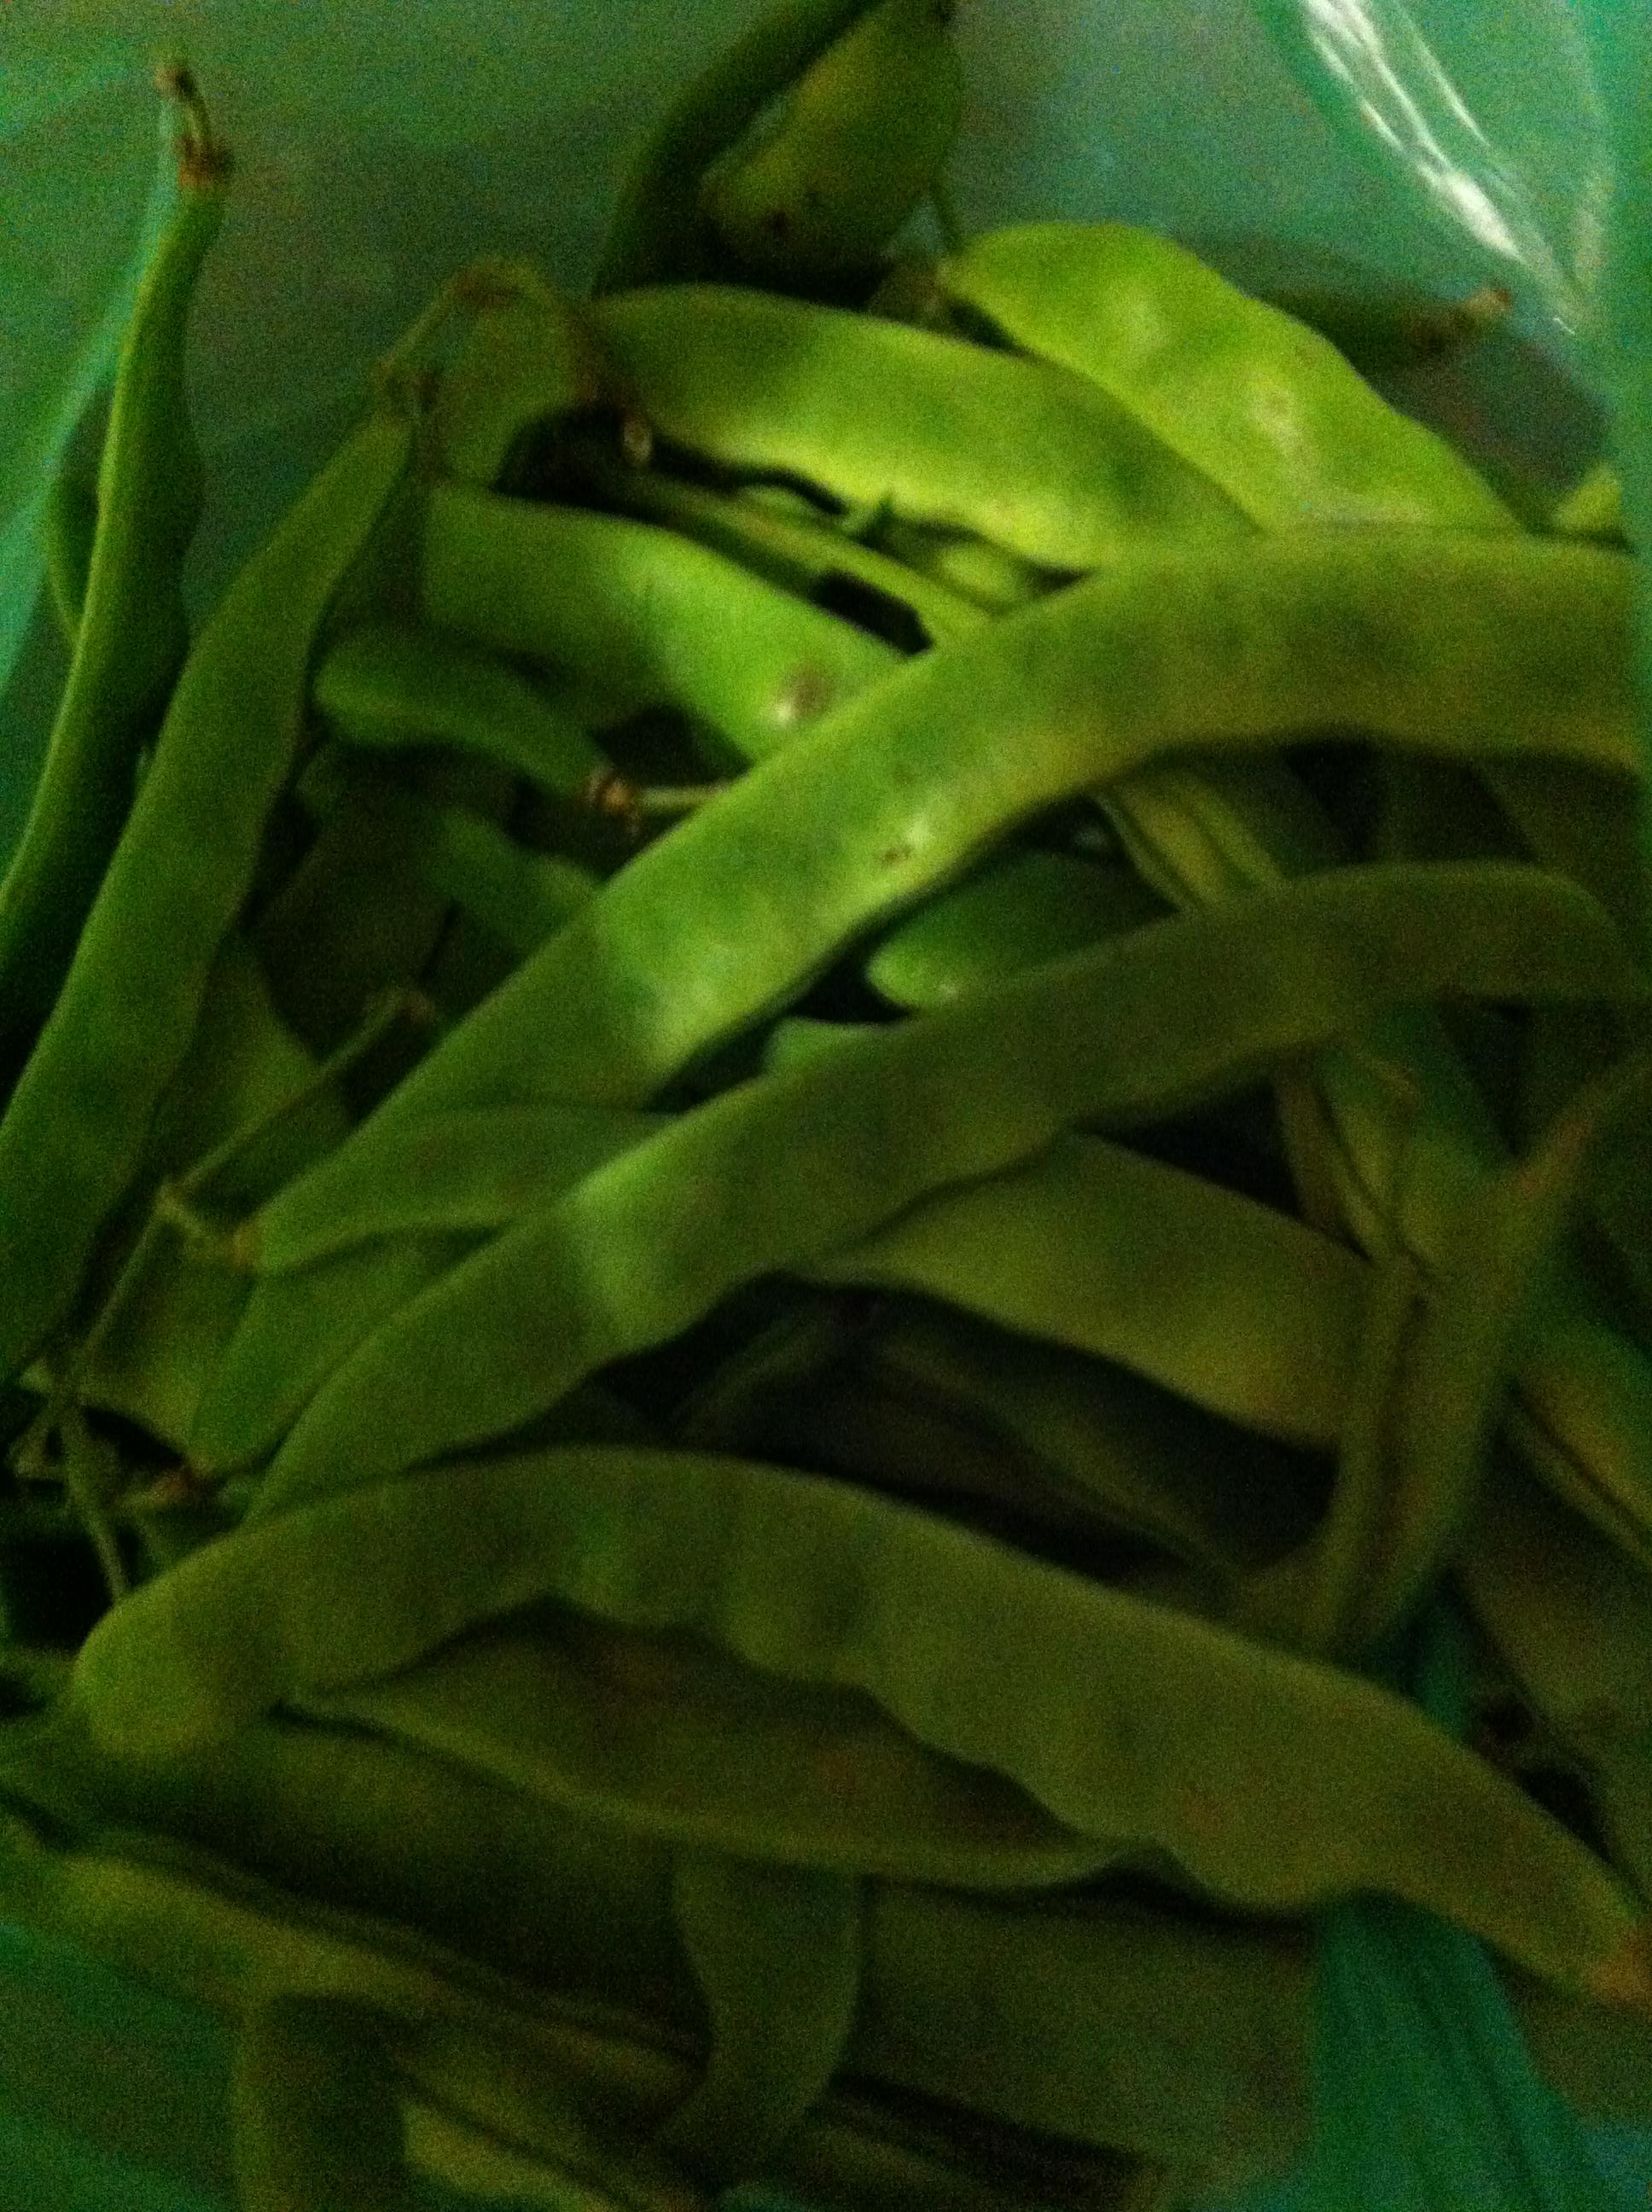 Jud as verdes del huerto conservarlas mejorando lo presente - Calorias de las judias verdes ...